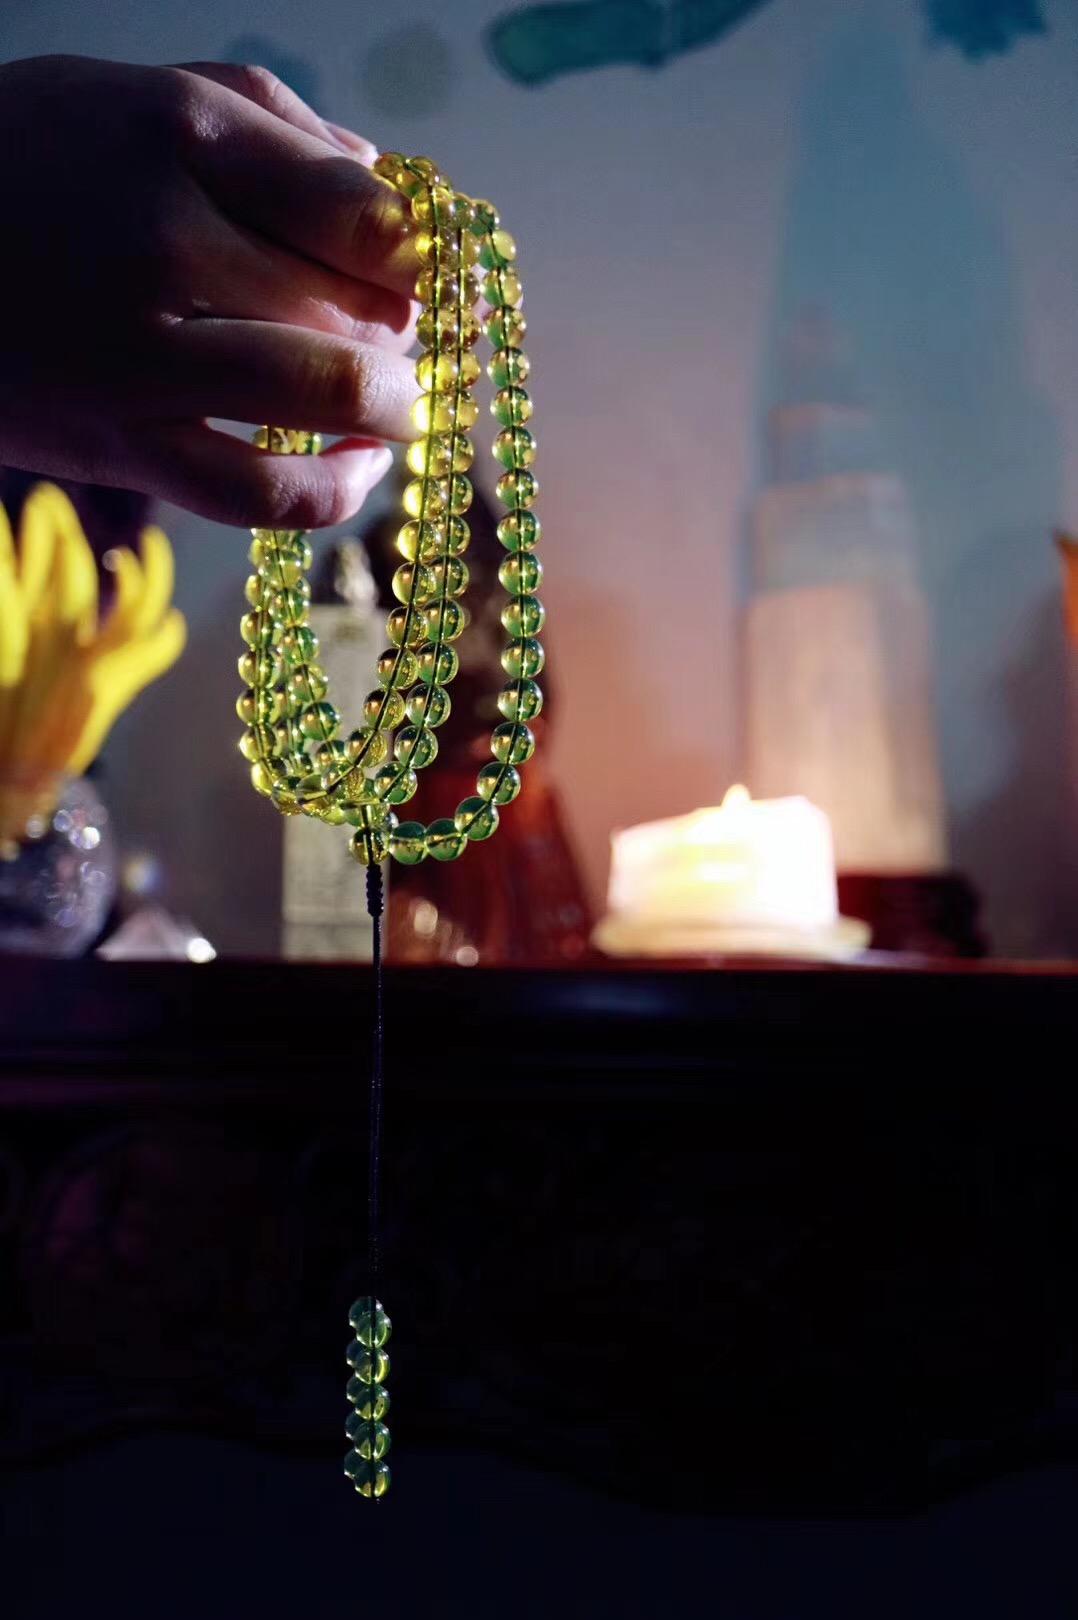 【菩心   蓝珀一百零八子佛珠】佛教七宝之一的温润琥珀佛珠-菩心晶舍